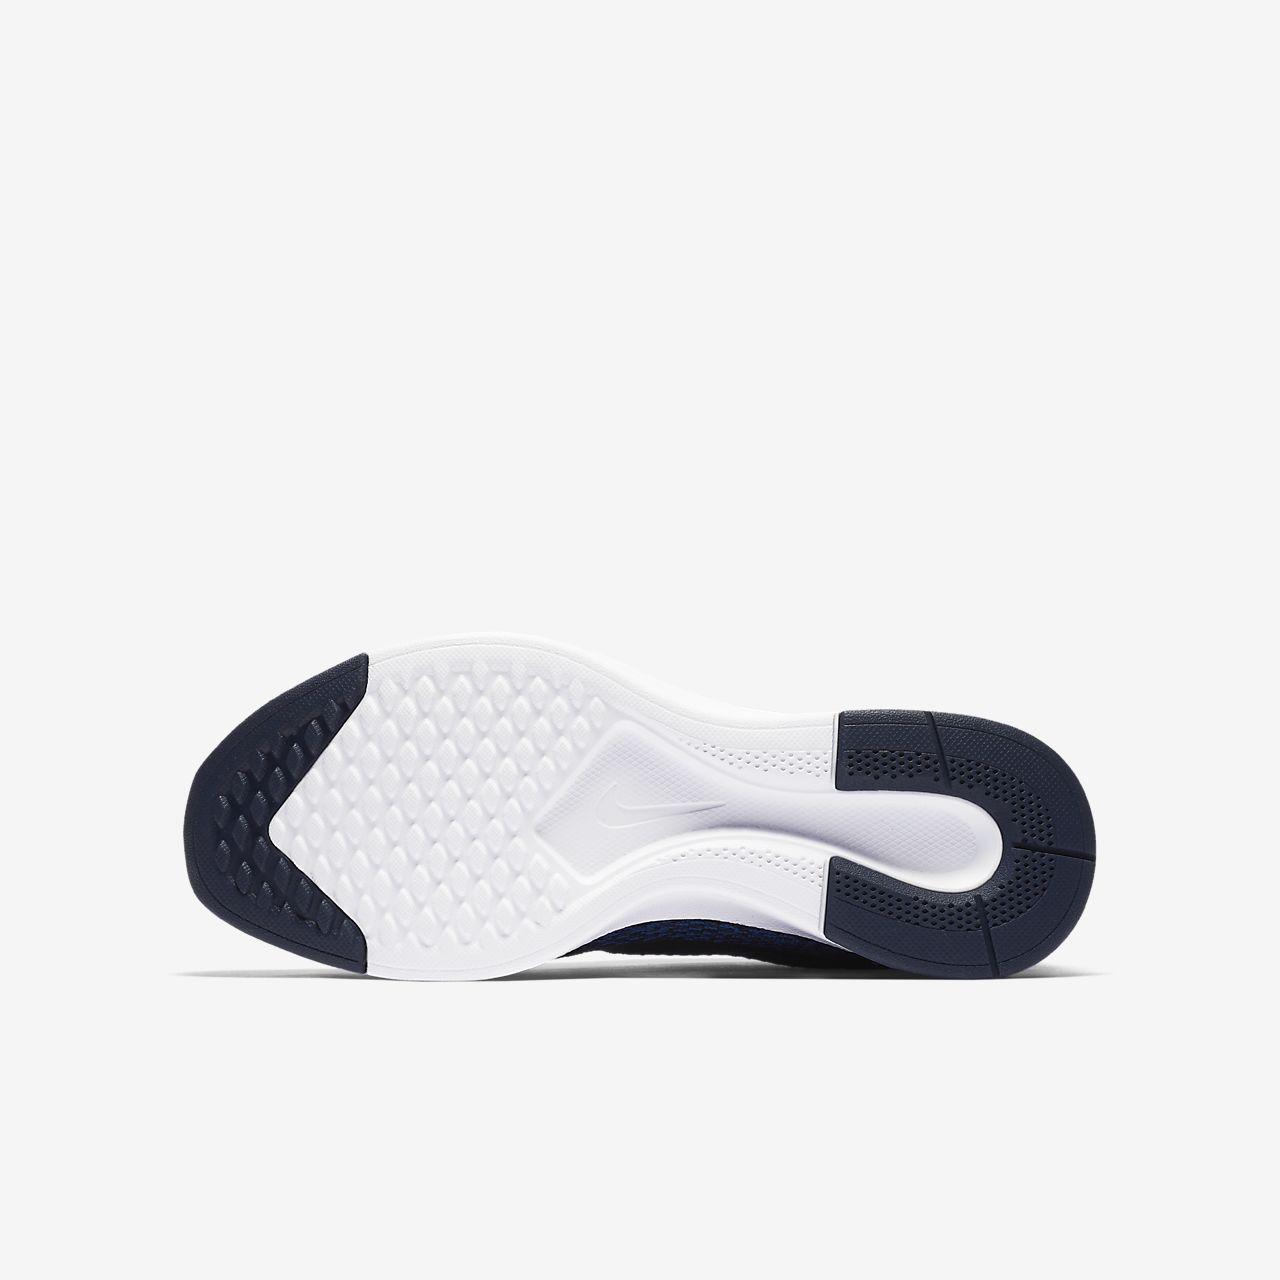 Nike Coureur Double Ton - Bourgogne / Blanc / Noir h57RLhWobL